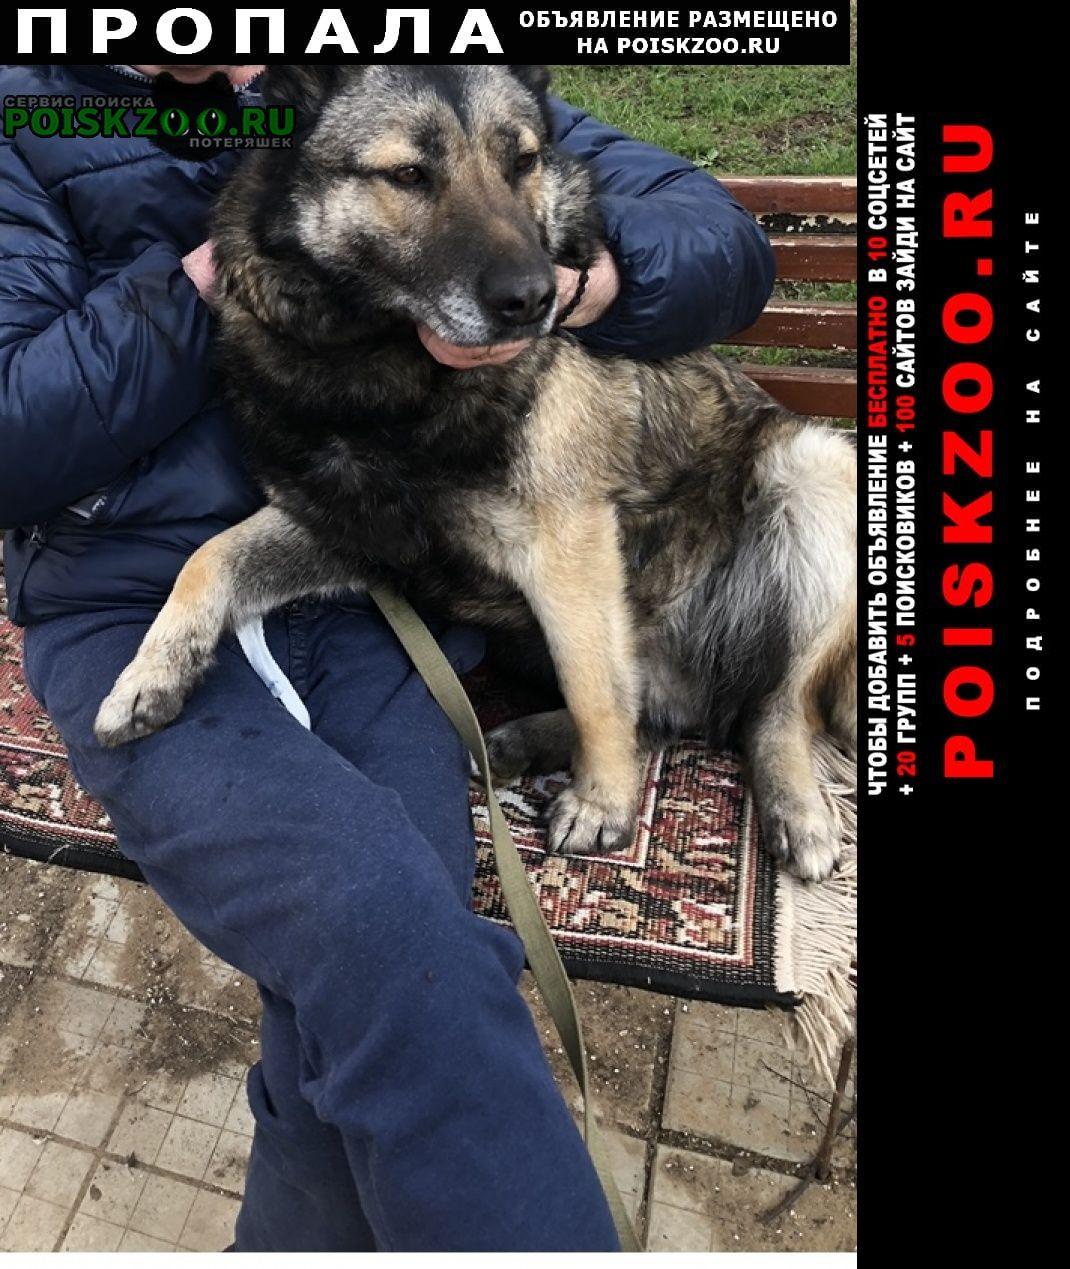 Пропала собака Нарофоминск